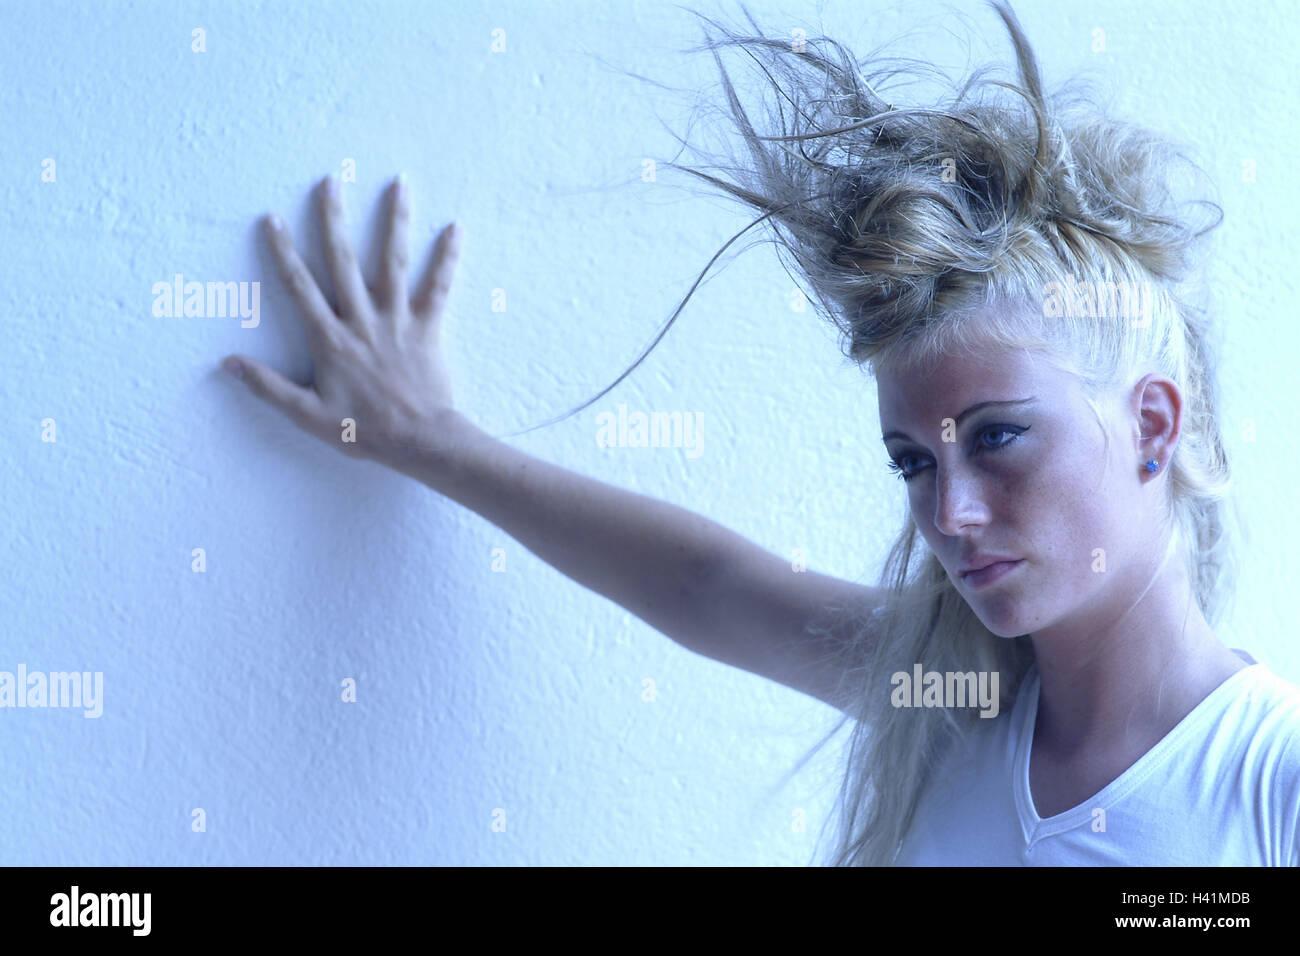 Mujer, joven, serio, livianos, el gesto, el muro, retrato, personas jóvenes, de 21 años, las mujeres del retrato, la provocación, el estilo, el ver, arrogantemente, con arrogancia, provocando, greasepaint, compuesto, maquillaje, llamativamente, brillantemente, pelos, colgada, peinado, punkig, suciedad, moda, moda, Filtro espectral azul, 20-30 años Foto de stock